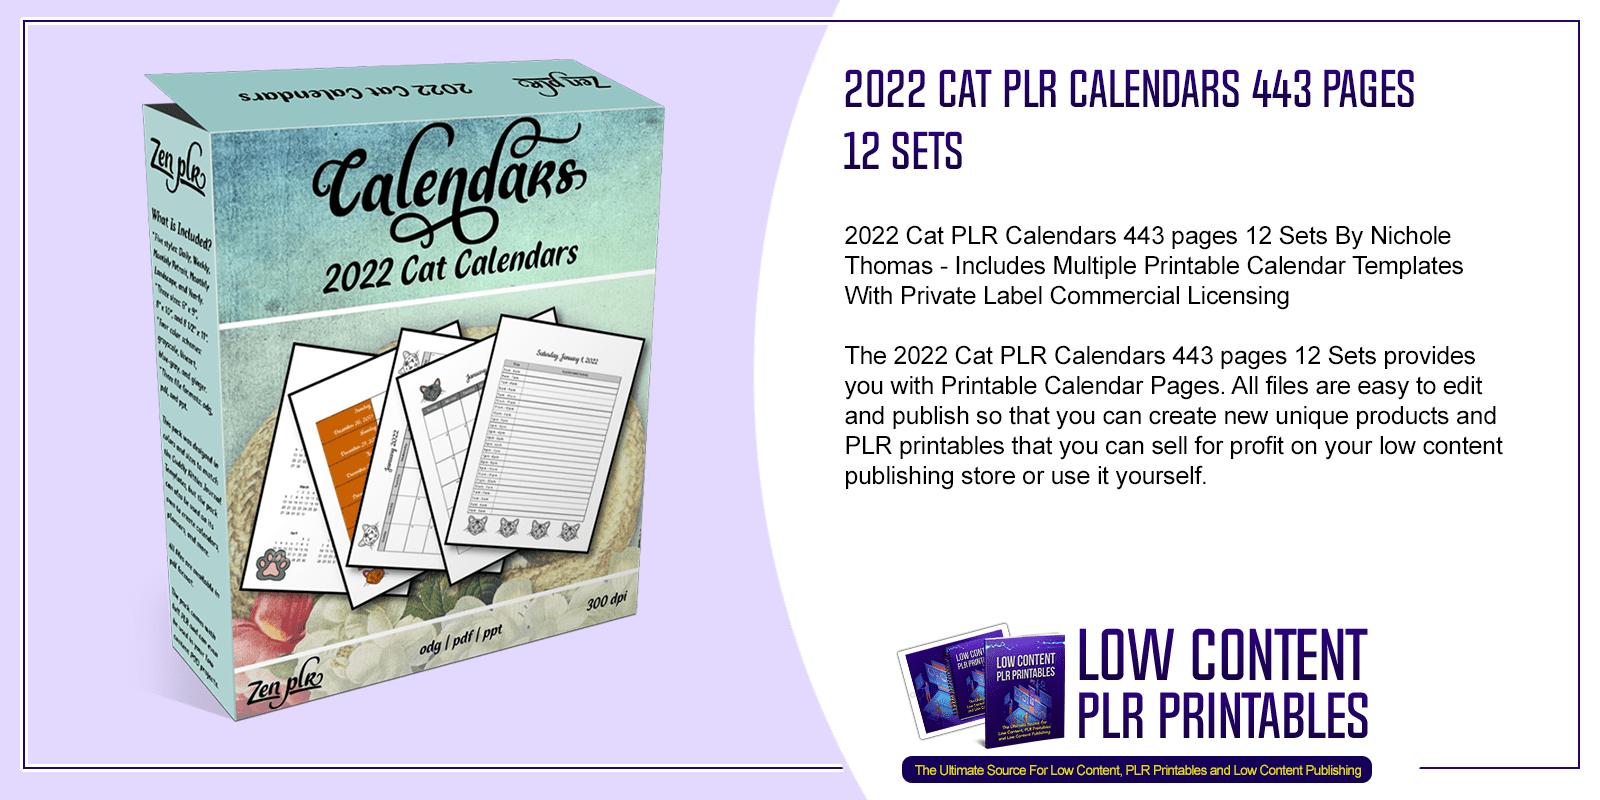 2022 Cat PLR Calendars 443 pages 12 Sets